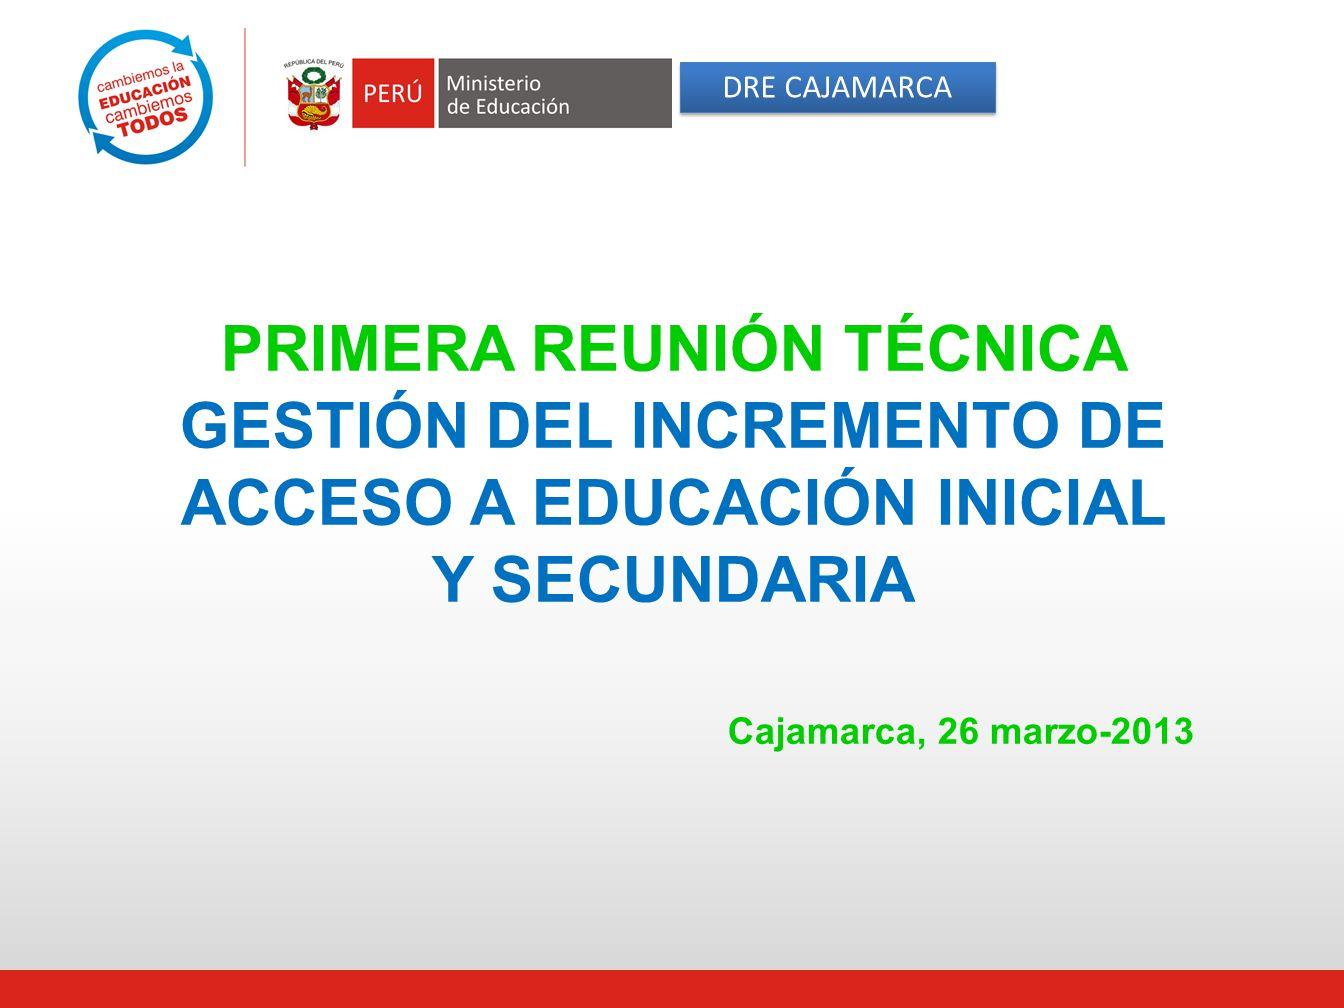 DRE CAJAMARCA PRIMERA REUNIÓN TÉCNICA GESTIÓN DEL INCREMENTO DE ACCESO A EDUCACIÓN INICIAL Y SECUNDARIA Cajamarca, 26 marzo-2013.